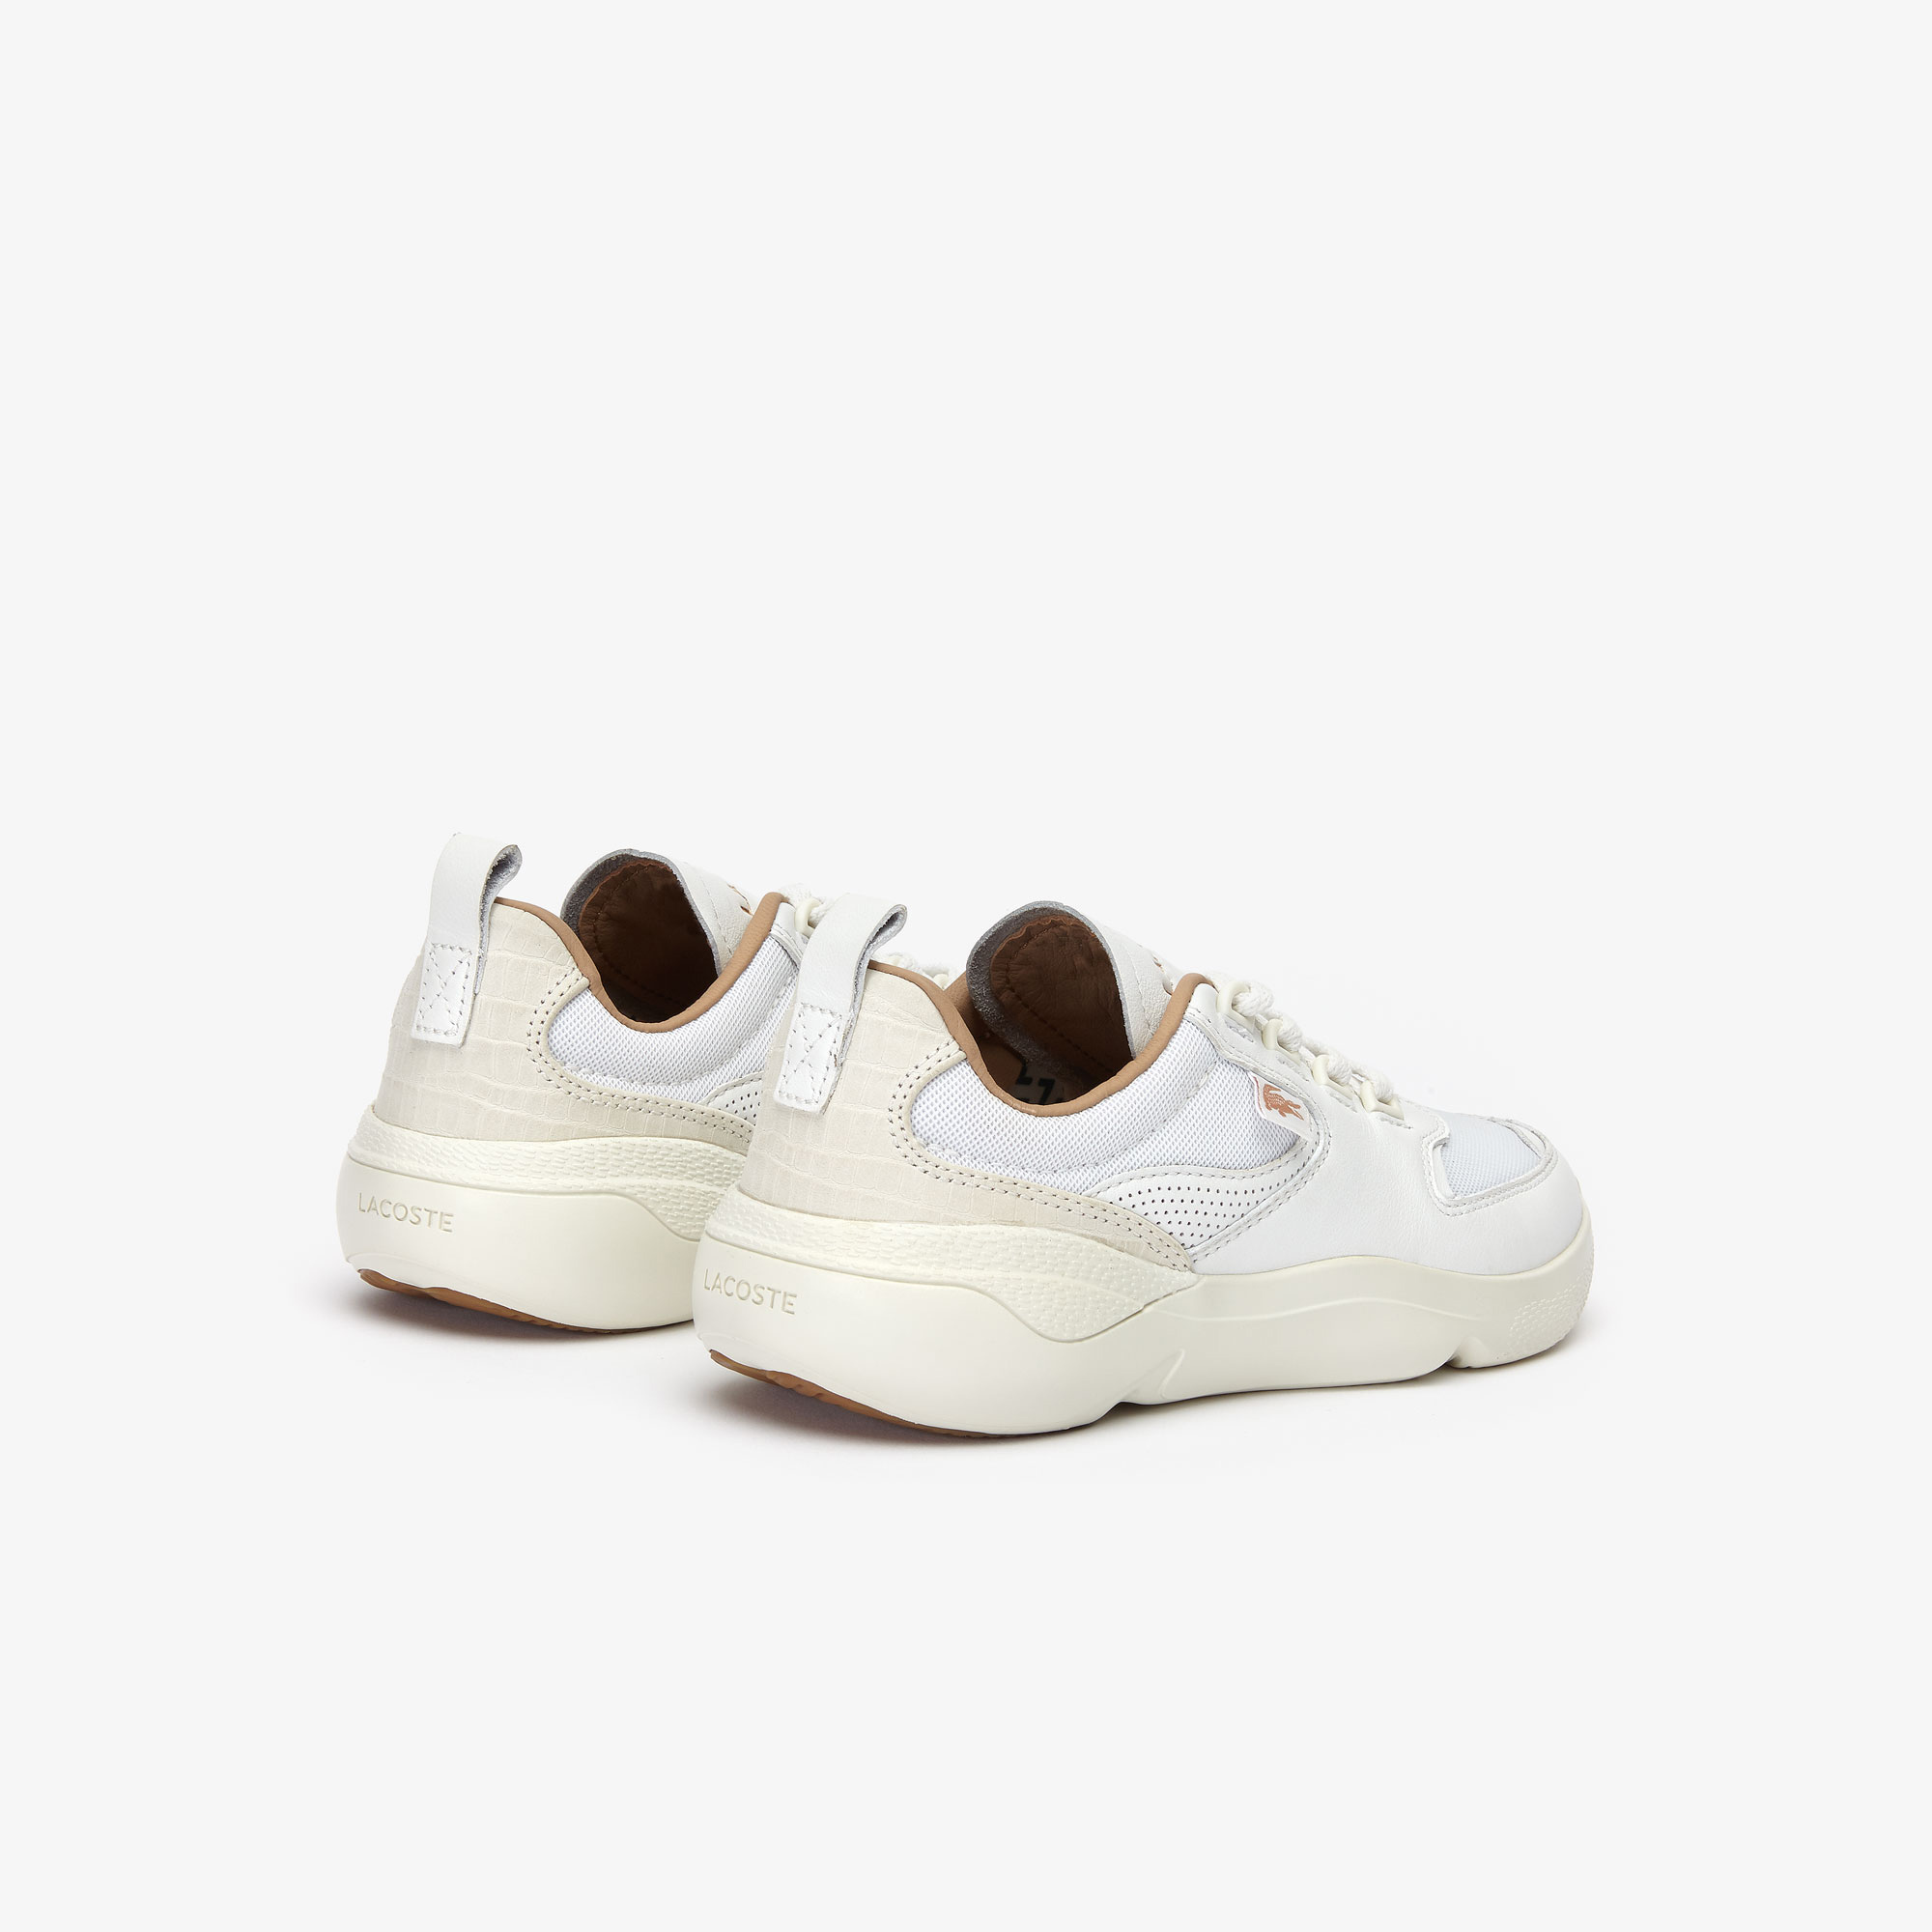 Lacoste Wildcard 319 2 Sfa Women's Sneakers